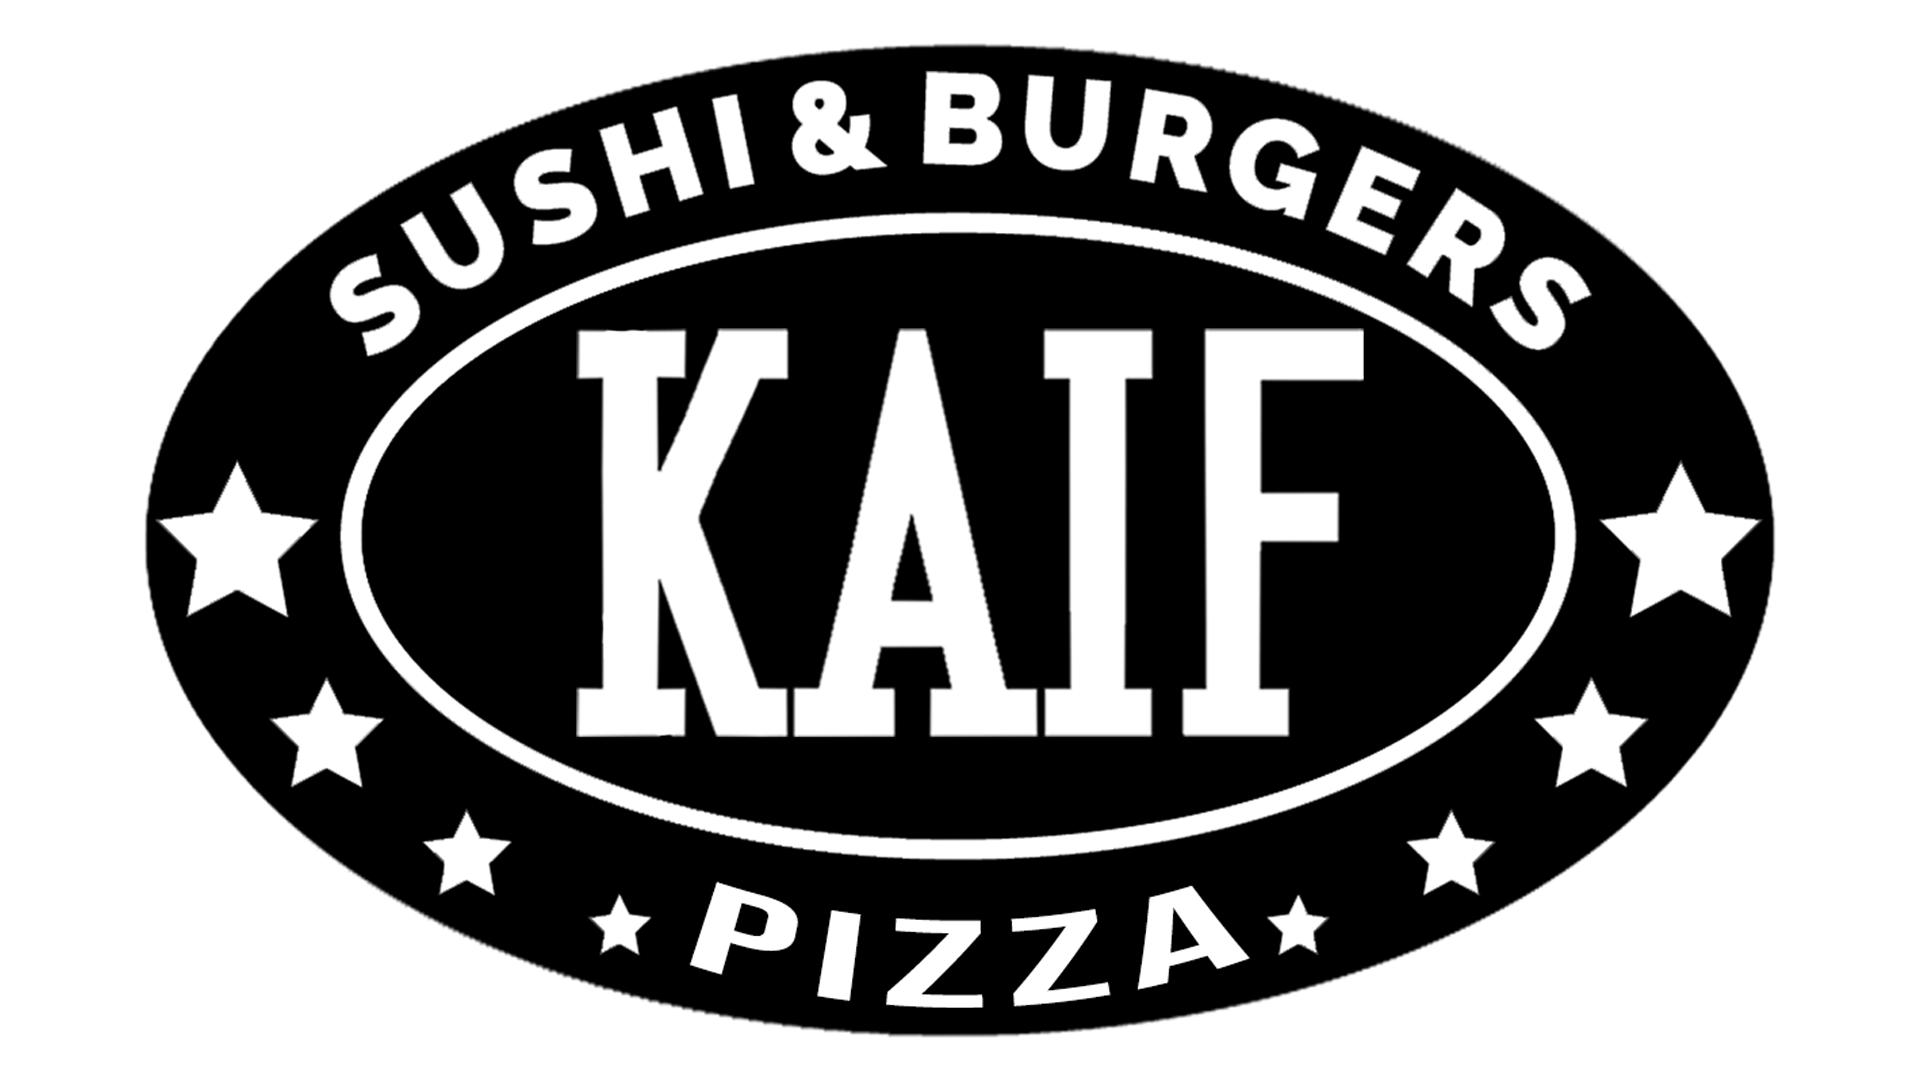 Ресторан KAIF - доставка лучших ролов, суши, пиццы, бургеров, WOK